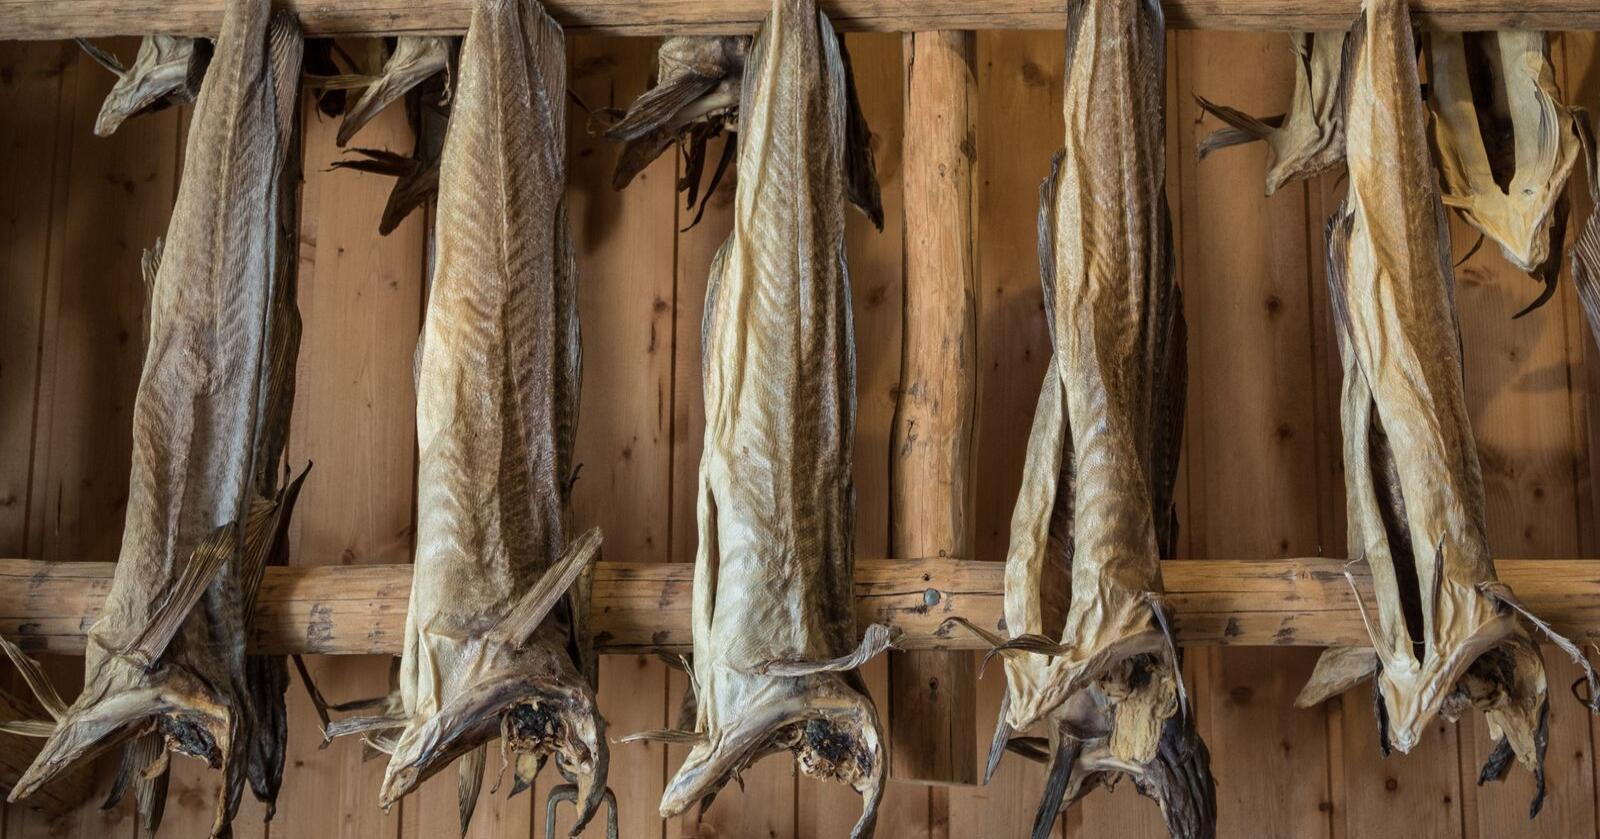 Milliardverdier: Få er klar over at rundt 7 av de rundt 17 milliardene som utgjør verdien av den totale hvitfiskeksporten hvert år, stammer fra tørrfisk, klippfisk og saltfisk, skriver innsenderen.